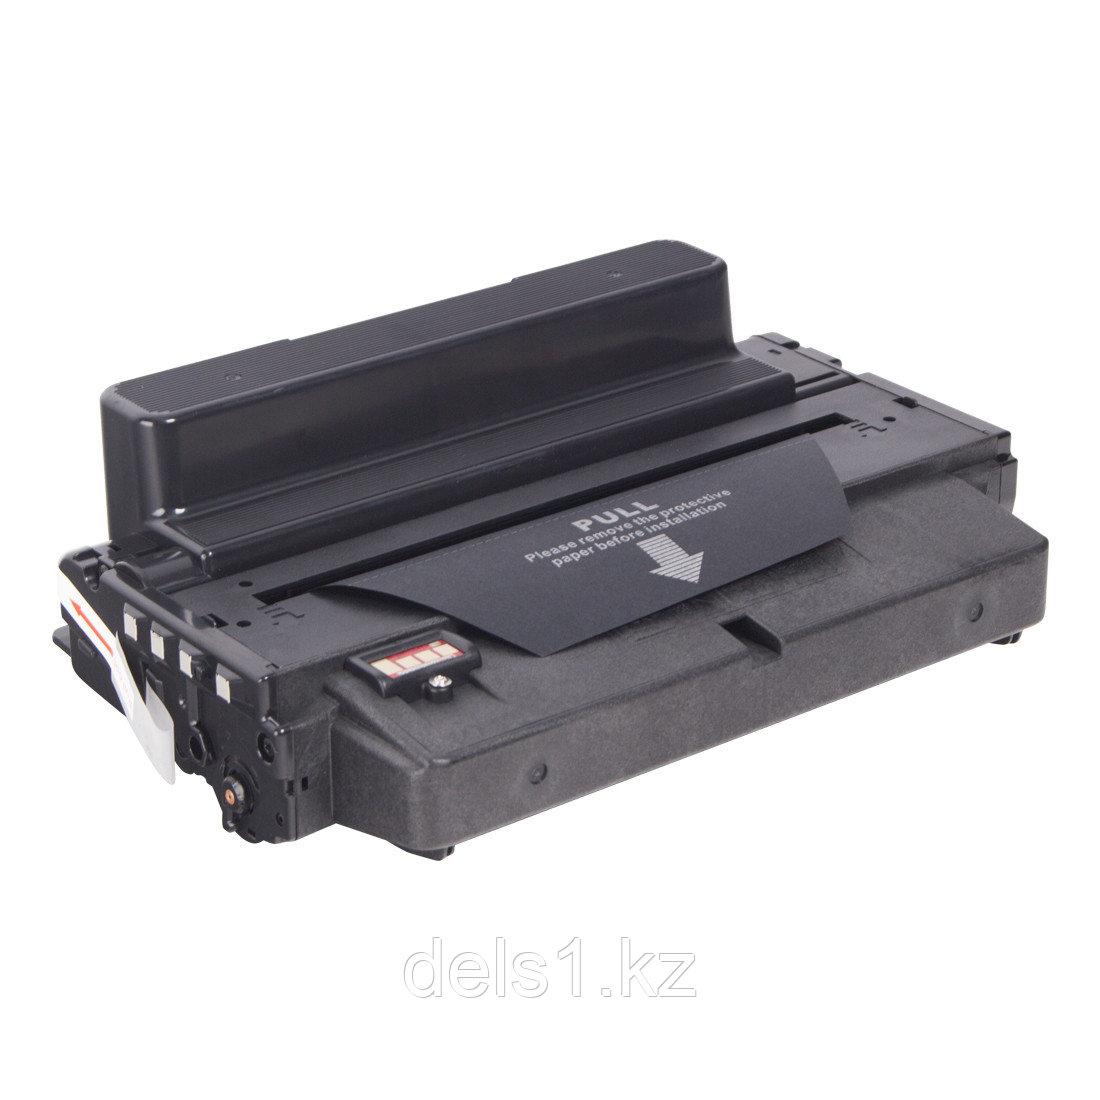 Картридж, Europrint, EPC-WC3325 (106R02312), Для принтеров Xerox WorkCentre 3325, 11000 страниц.